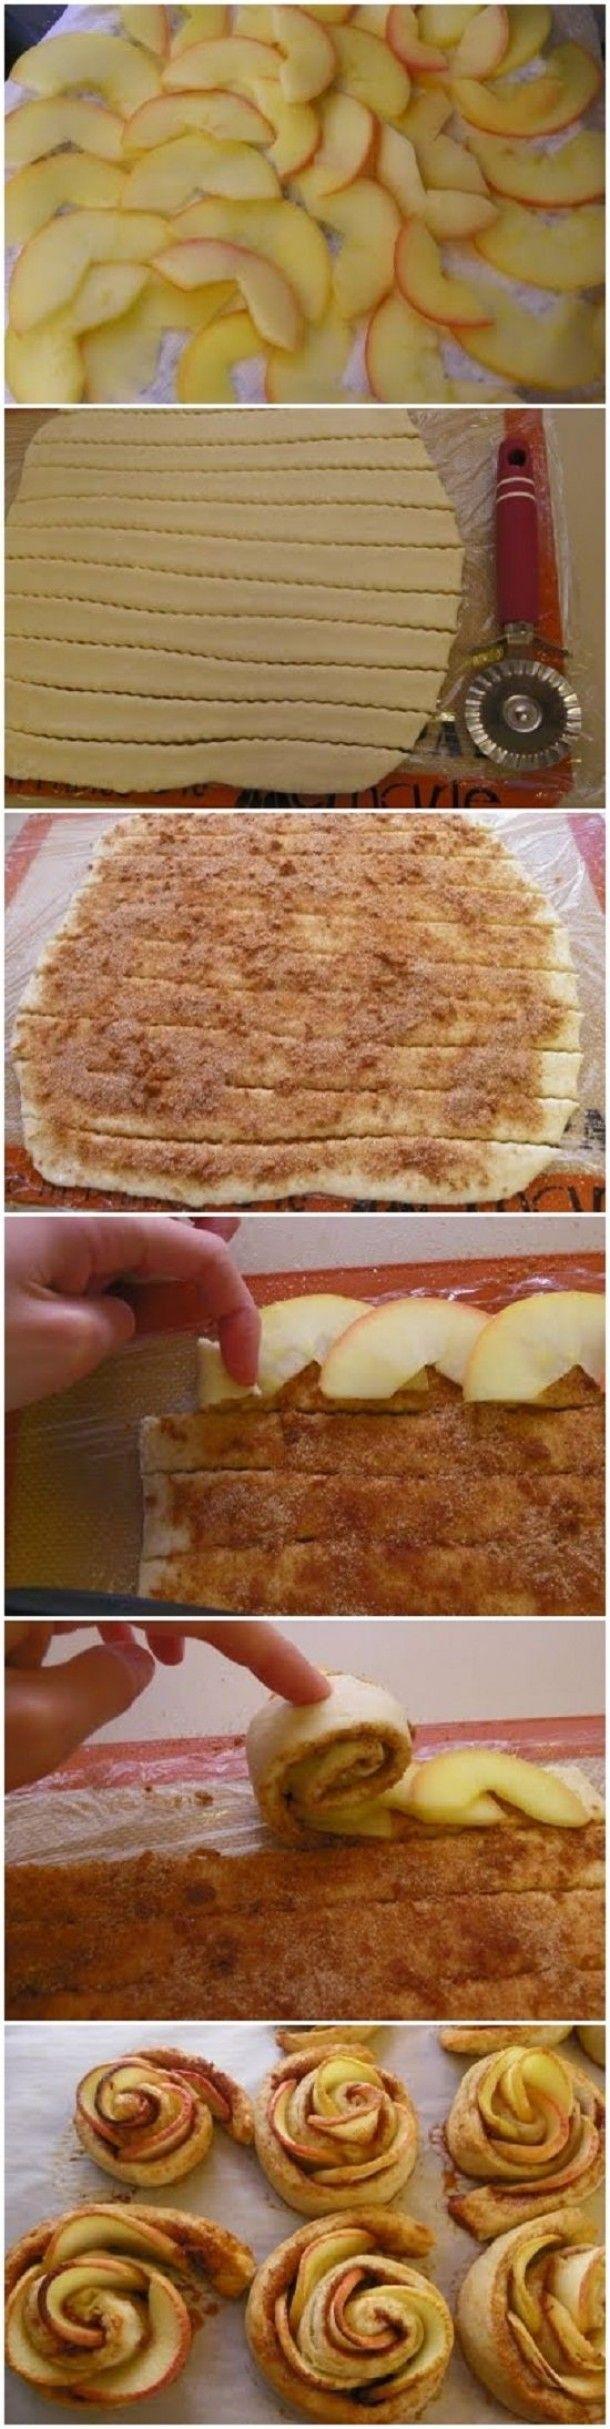 Appel rozen 1 puff pastry sheet 3 apples 5 TBSP sugar or... Door angellove1968